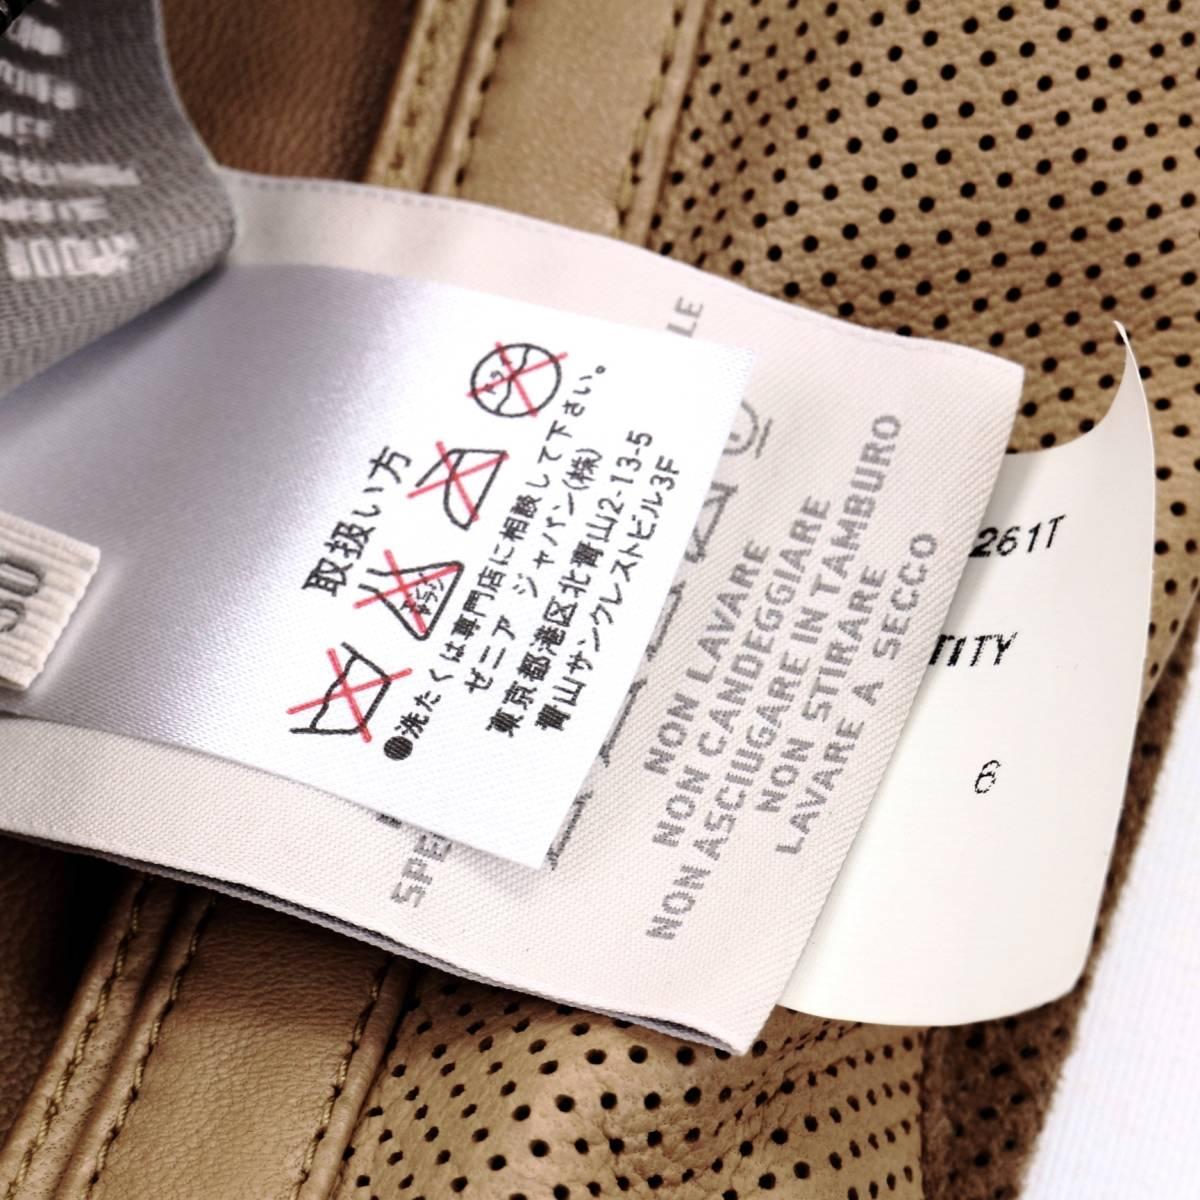 ラグジュアリーの極み◎!!!「エルメネジルドゼニア/Zegna」定価70万 最高級仔羊革ラムスキンを贅沢に使用した至極のレザーブルゾン 50XL_画像9